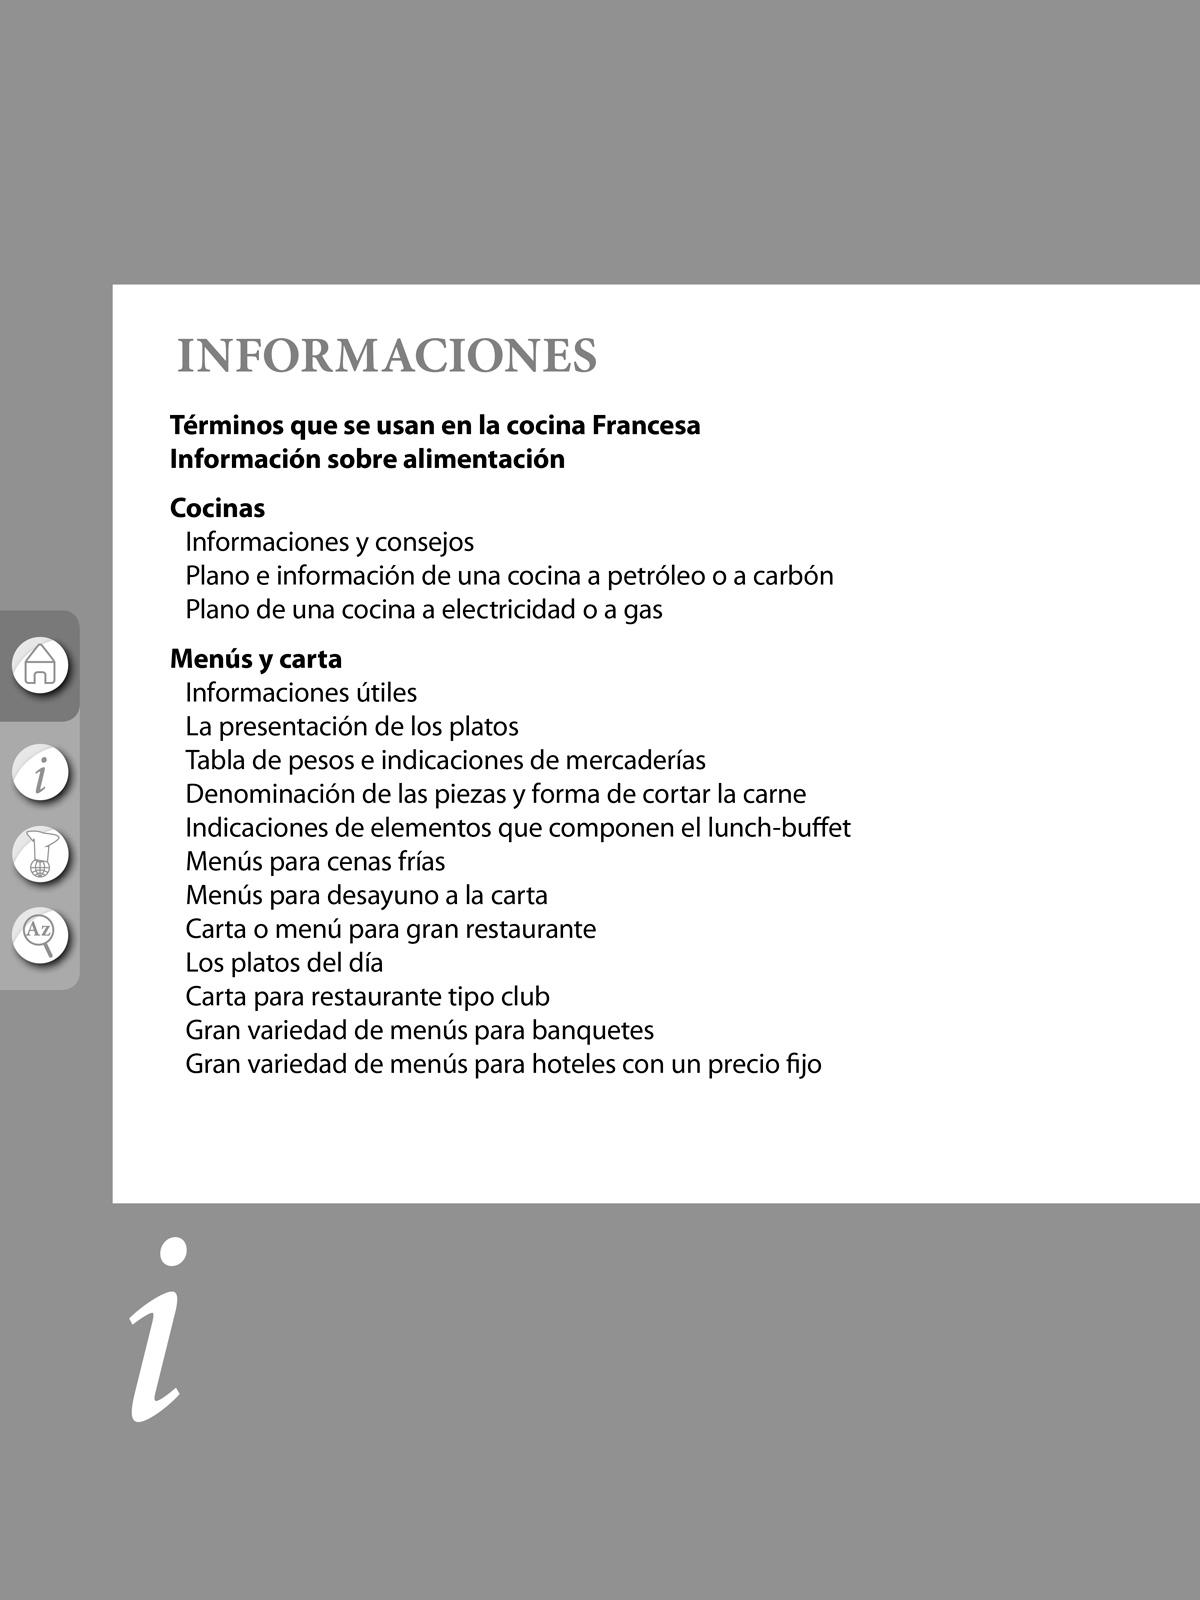 El PRACTICO 1.0 - Edición Digital eBook - Informaciones